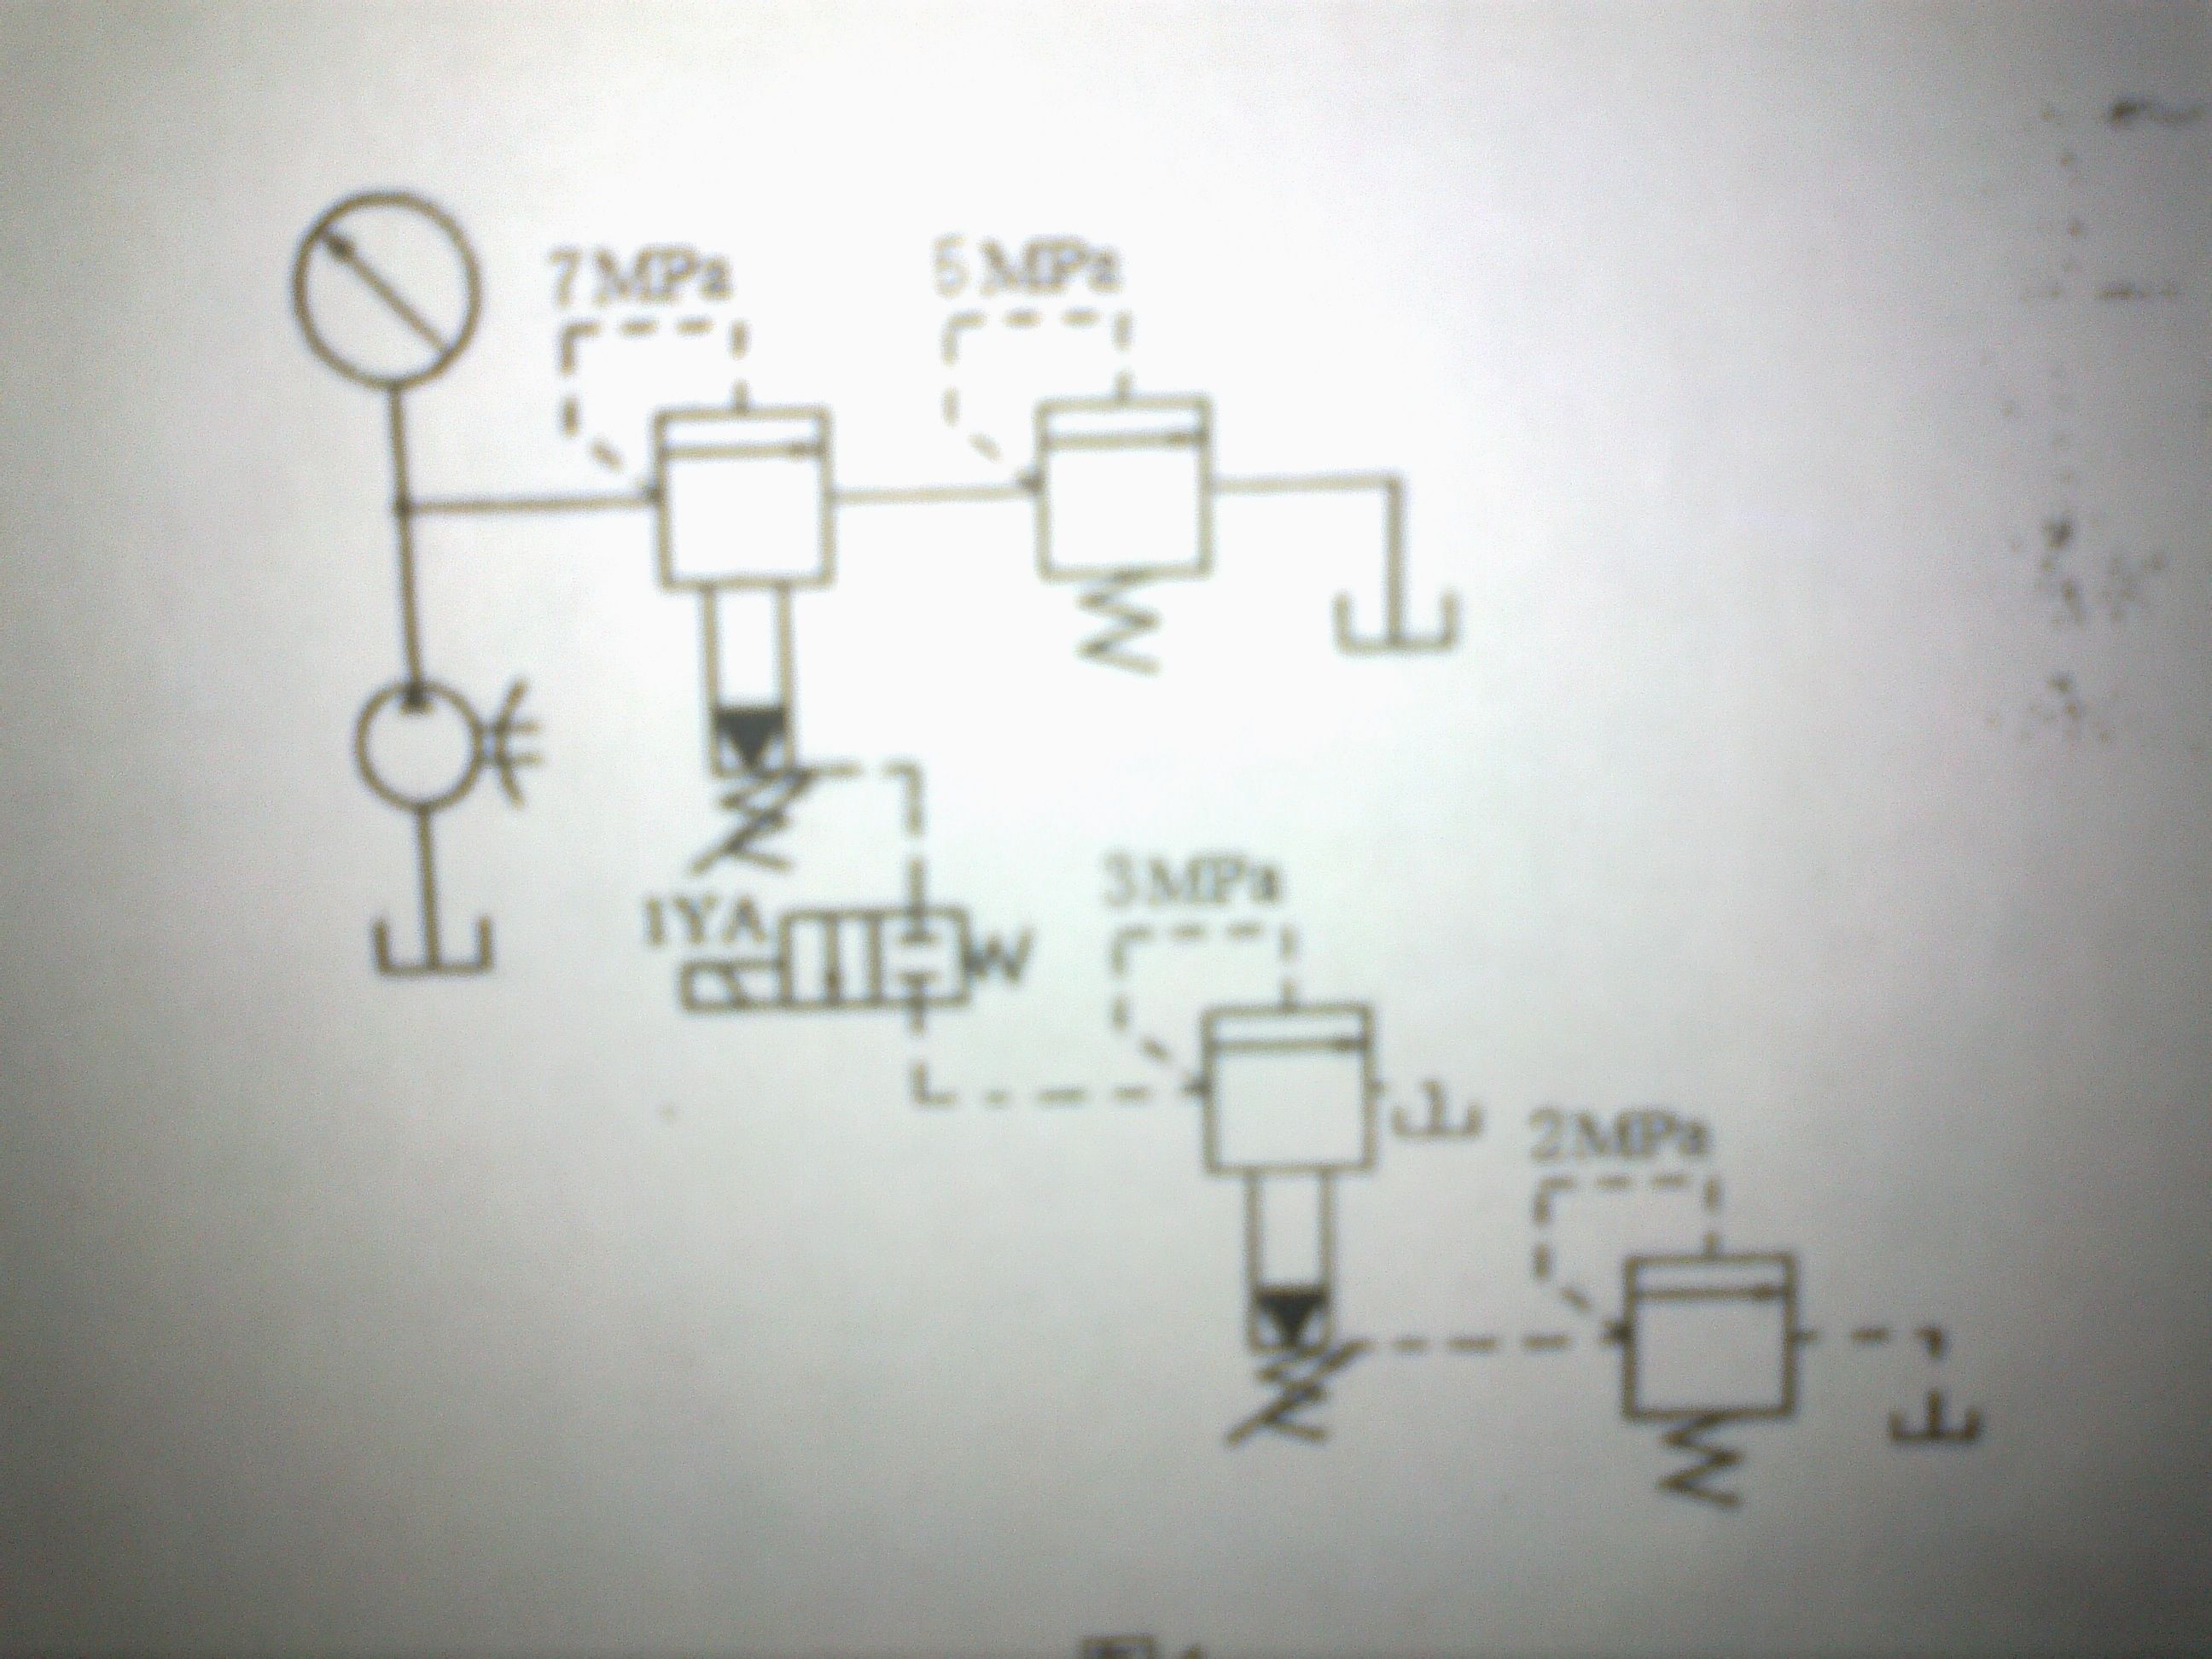 24v液压电磁阀电路接线图分享展示图片